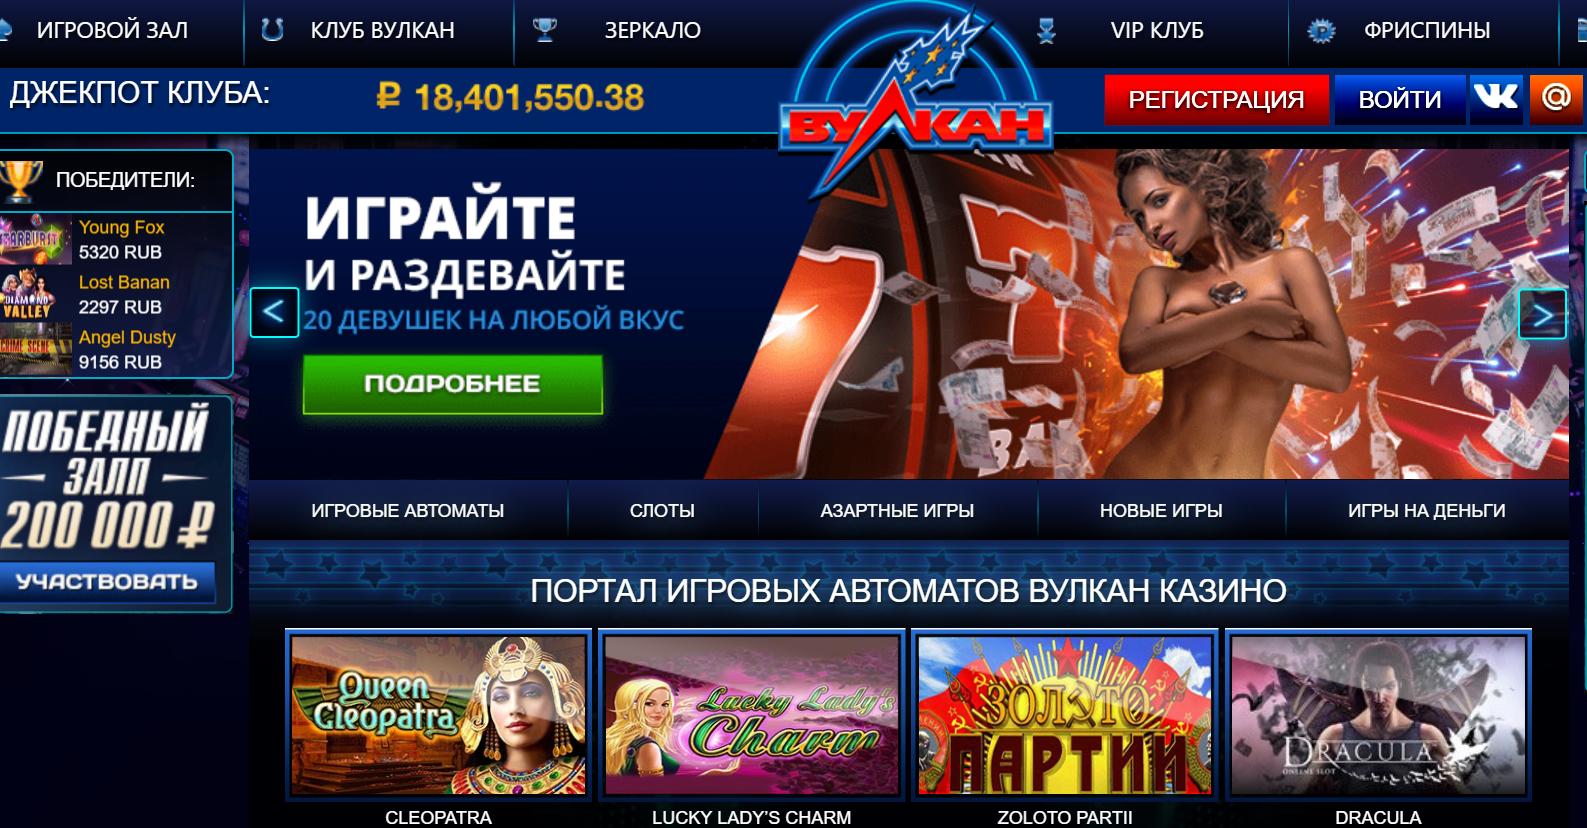 Основная информация по игровым автоматам казино Вулкан